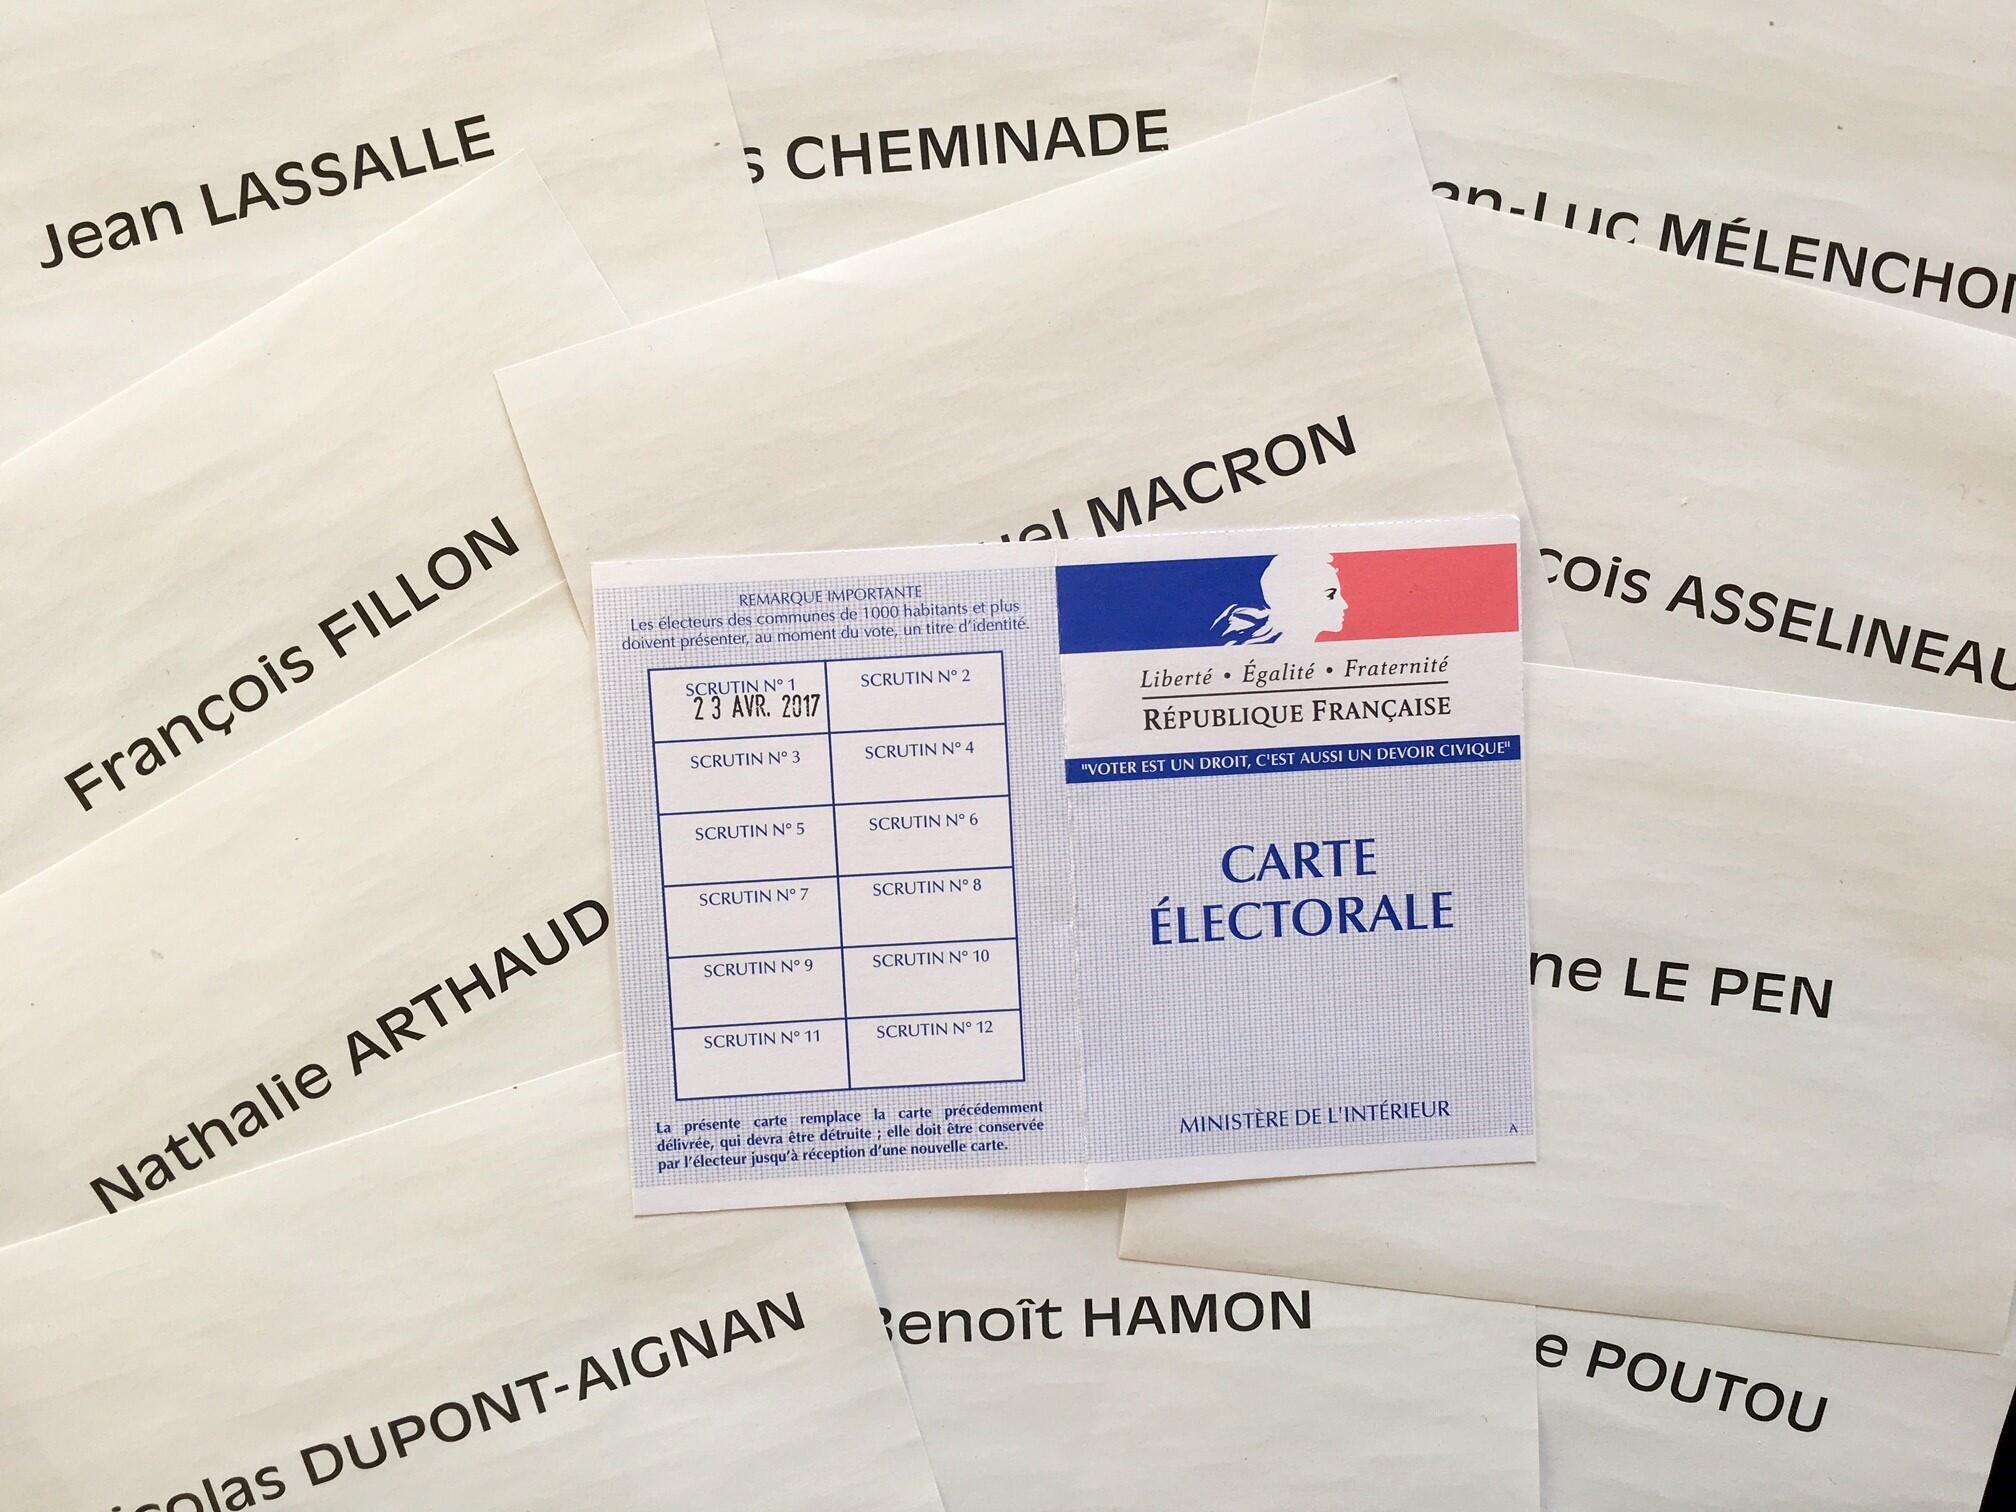 Thẻ cử tri và phiếu bầu cử tổng thống Pháp, ngày 23/04/2017.